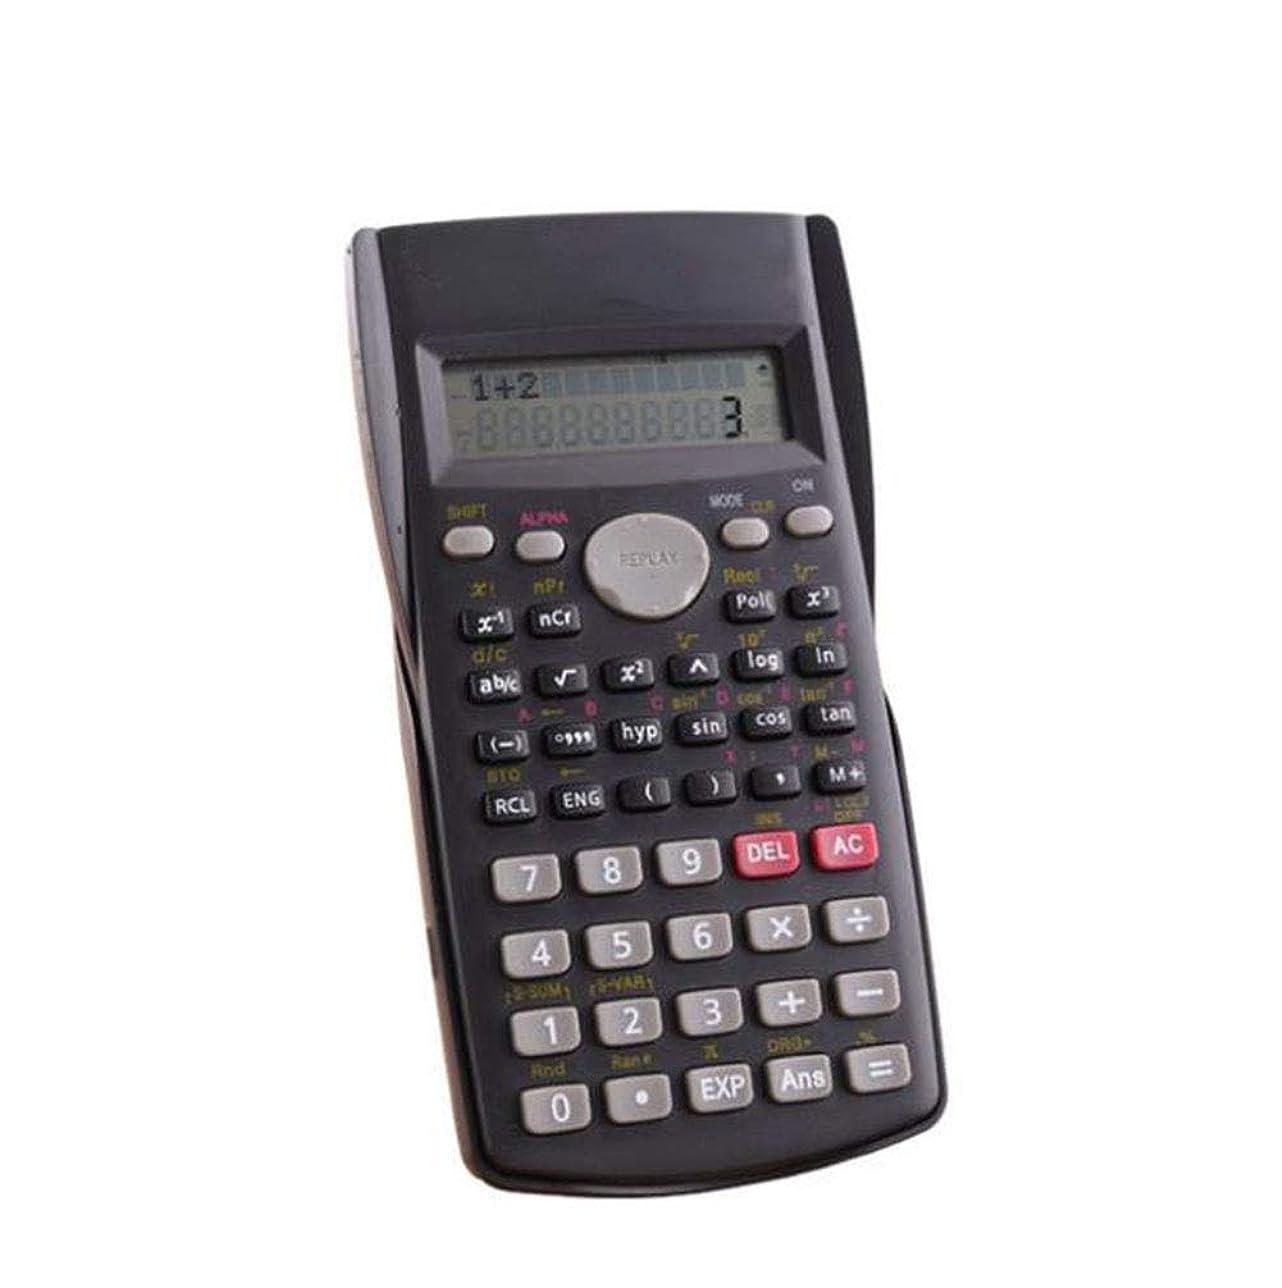 アスペクトシンプトンバウンス関数電卓 電卓 2行 (電池付属) 12桁表示 240機能 高校生エンジニアリング会計用リプレイ機能